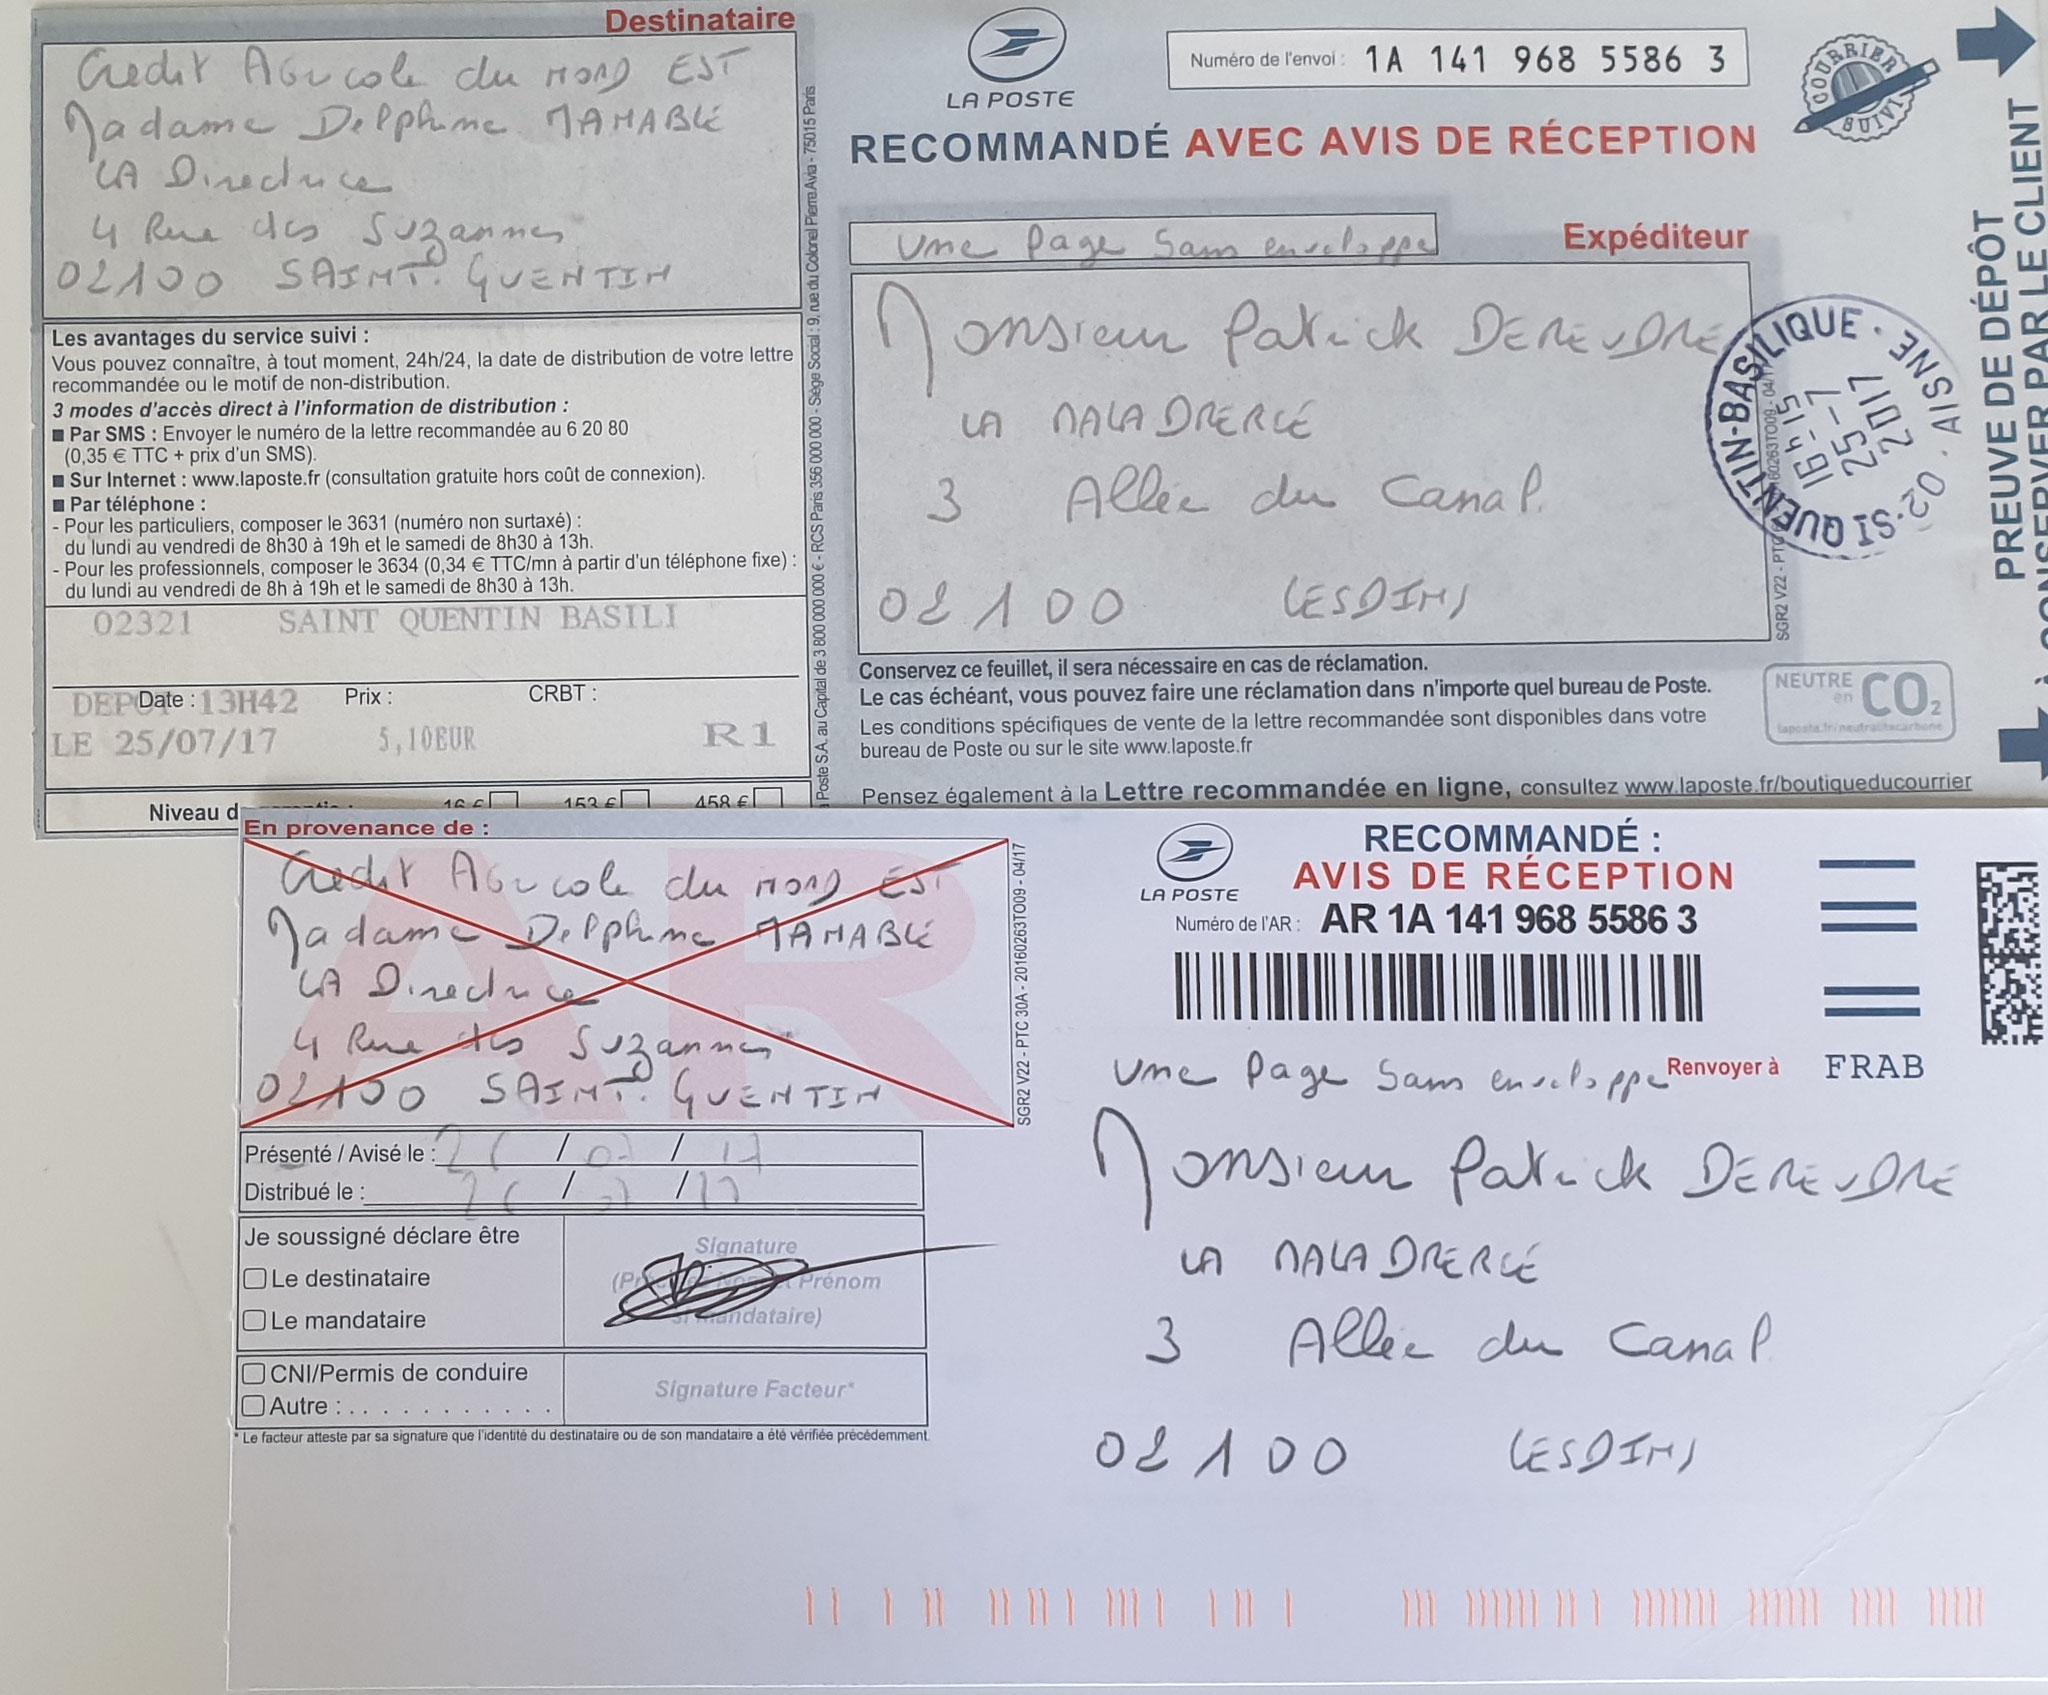 Ma deuxième lettre recommandée du 25 Juillet 2017 N0 1A 141 968 5586 3 soit une page. www.jesuispatrick.fr